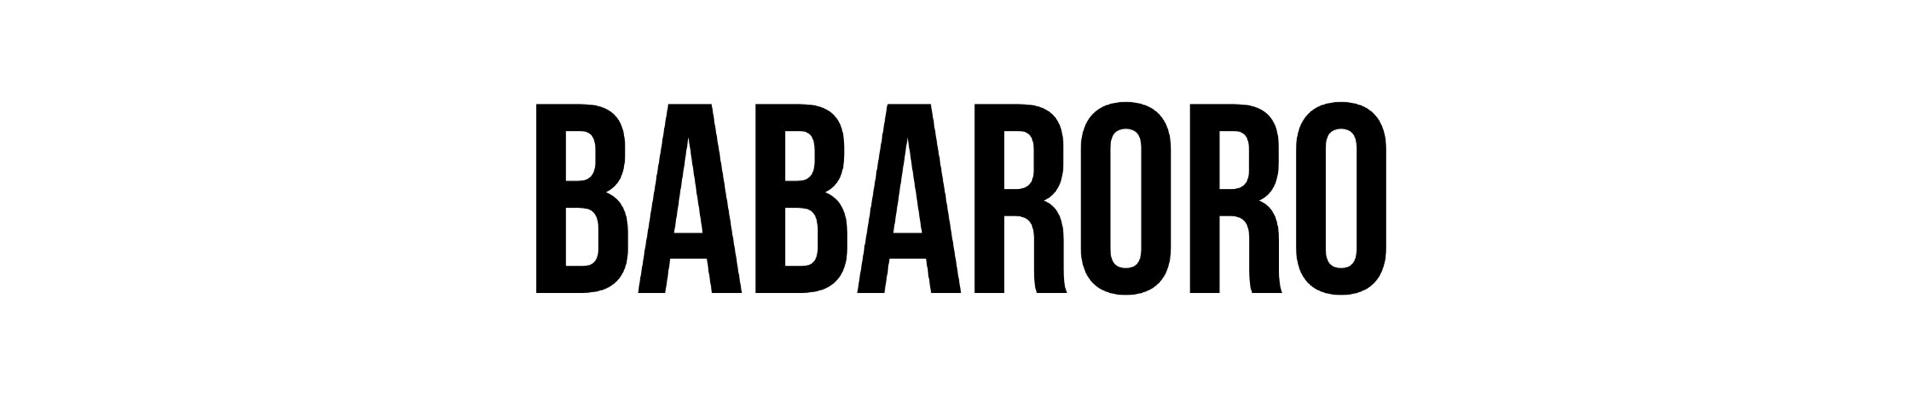 Babaroro